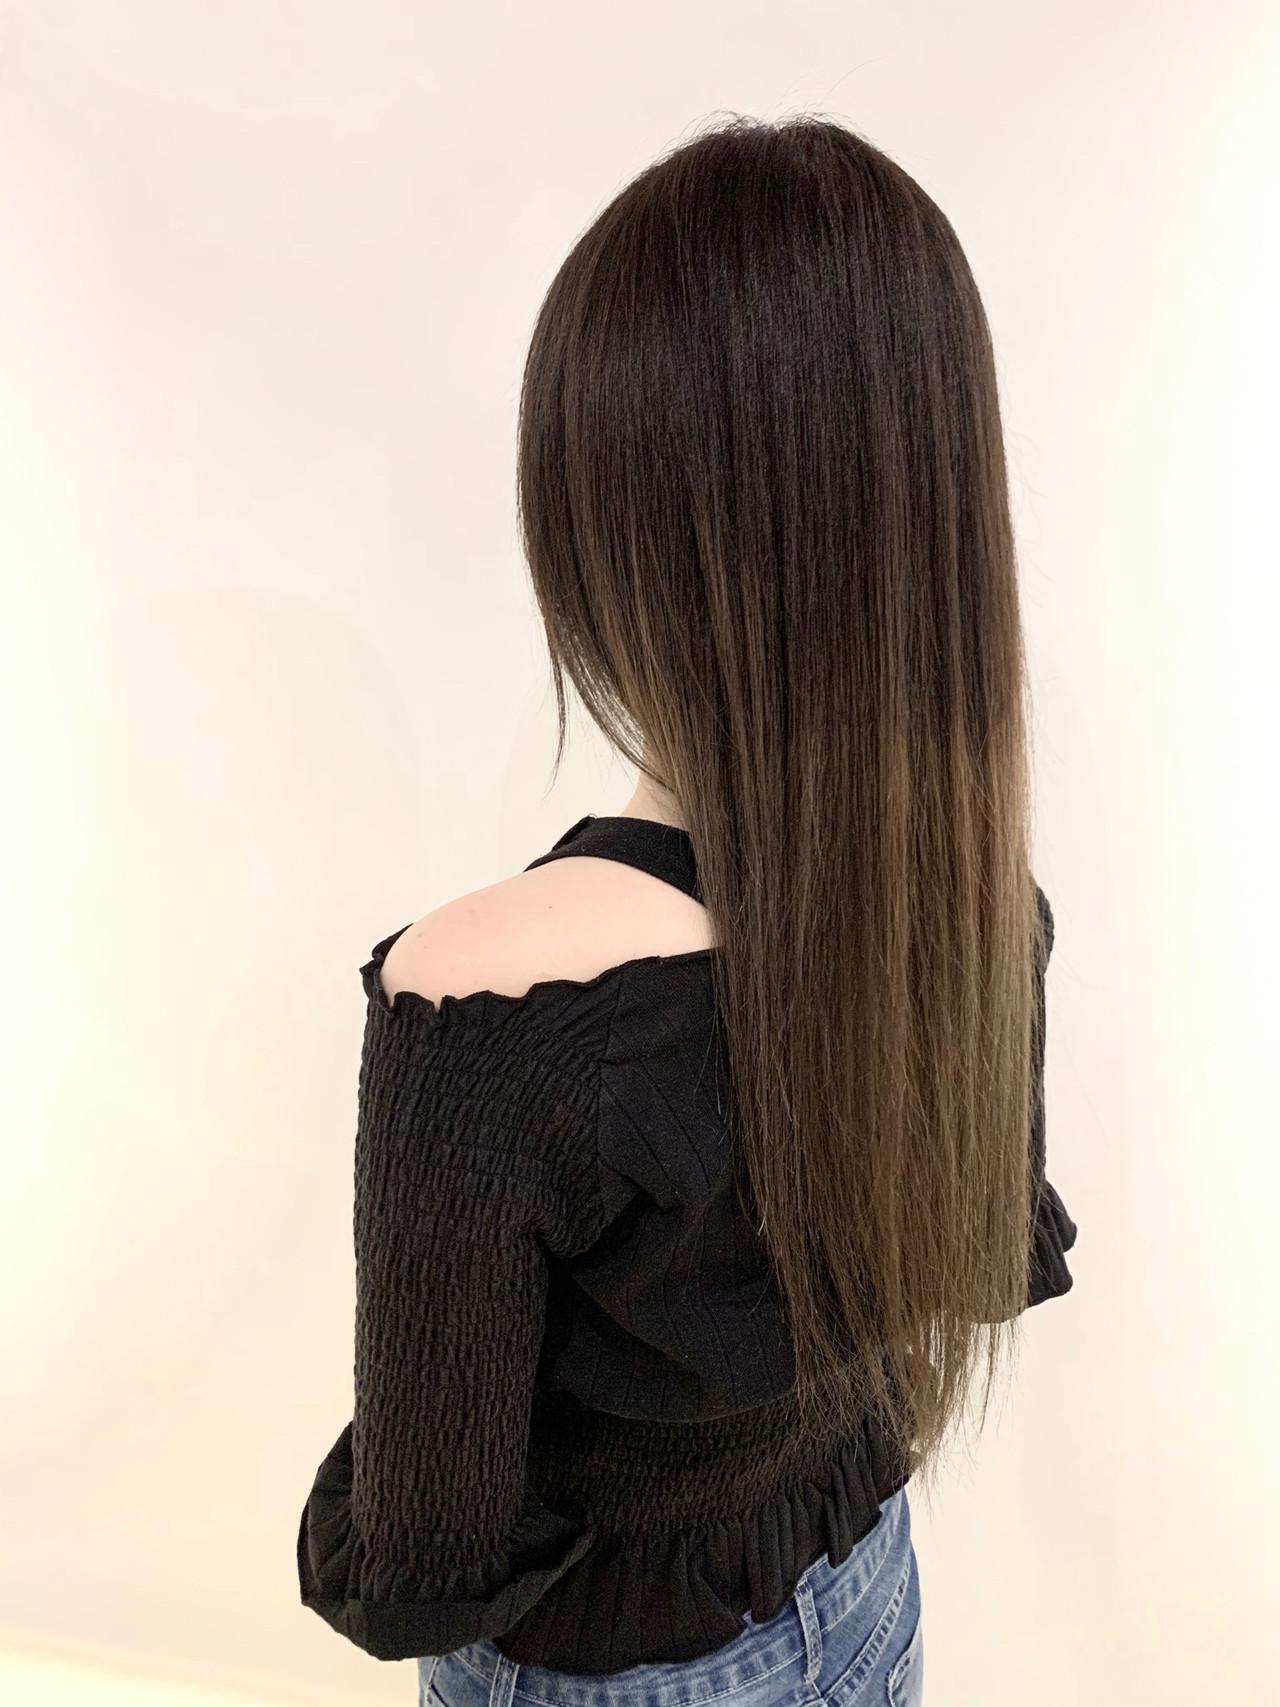 ガーリー ブリーチ ロング シルバーグレージュ ヘアスタイルや髪型の写真・画像 | 村上 駿 / FRAMES hair design